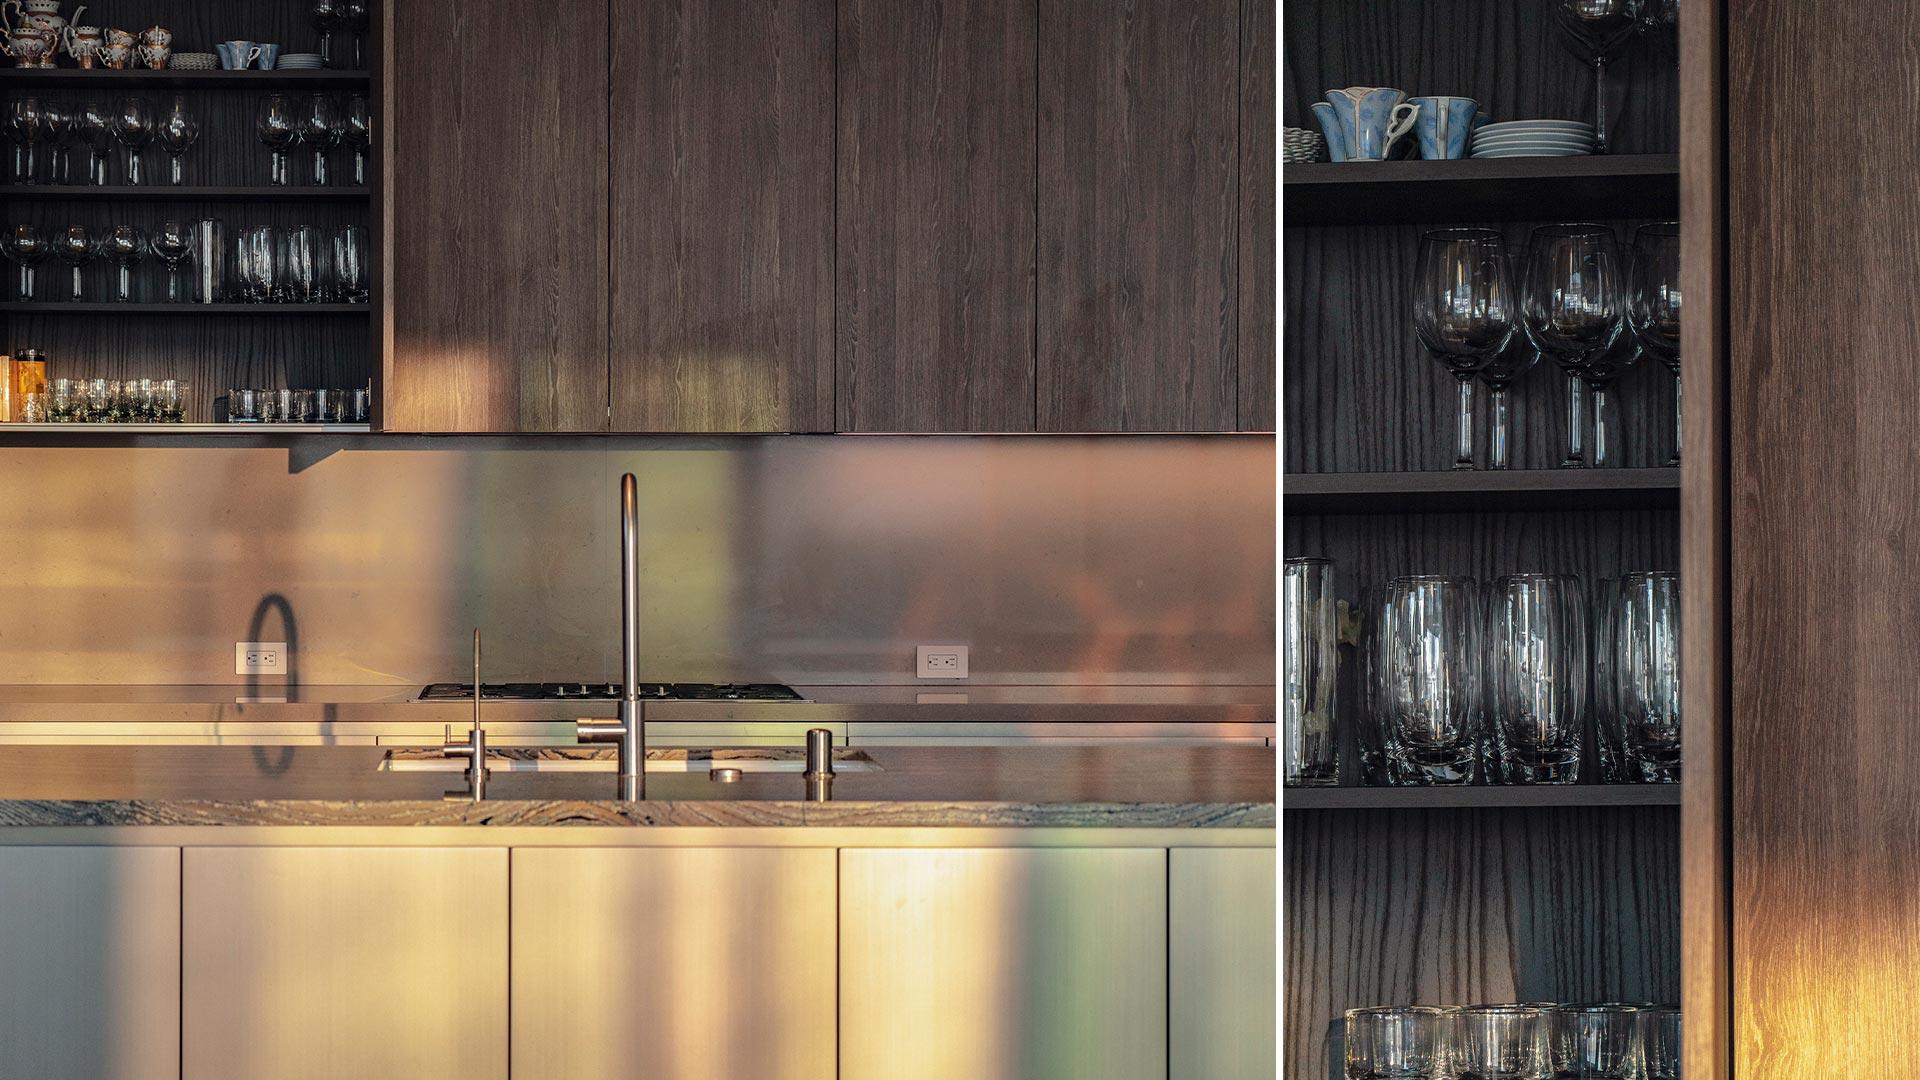 Le cucine lineari sono spesso la soluzione più comoda e diffusa, perché concentrano tutte le funzioni lungo una sola parete oppure lungo due pareti frontali. Cucina Lineare Su Due Lati Con Isola Centrale E Tavolo Adiacente